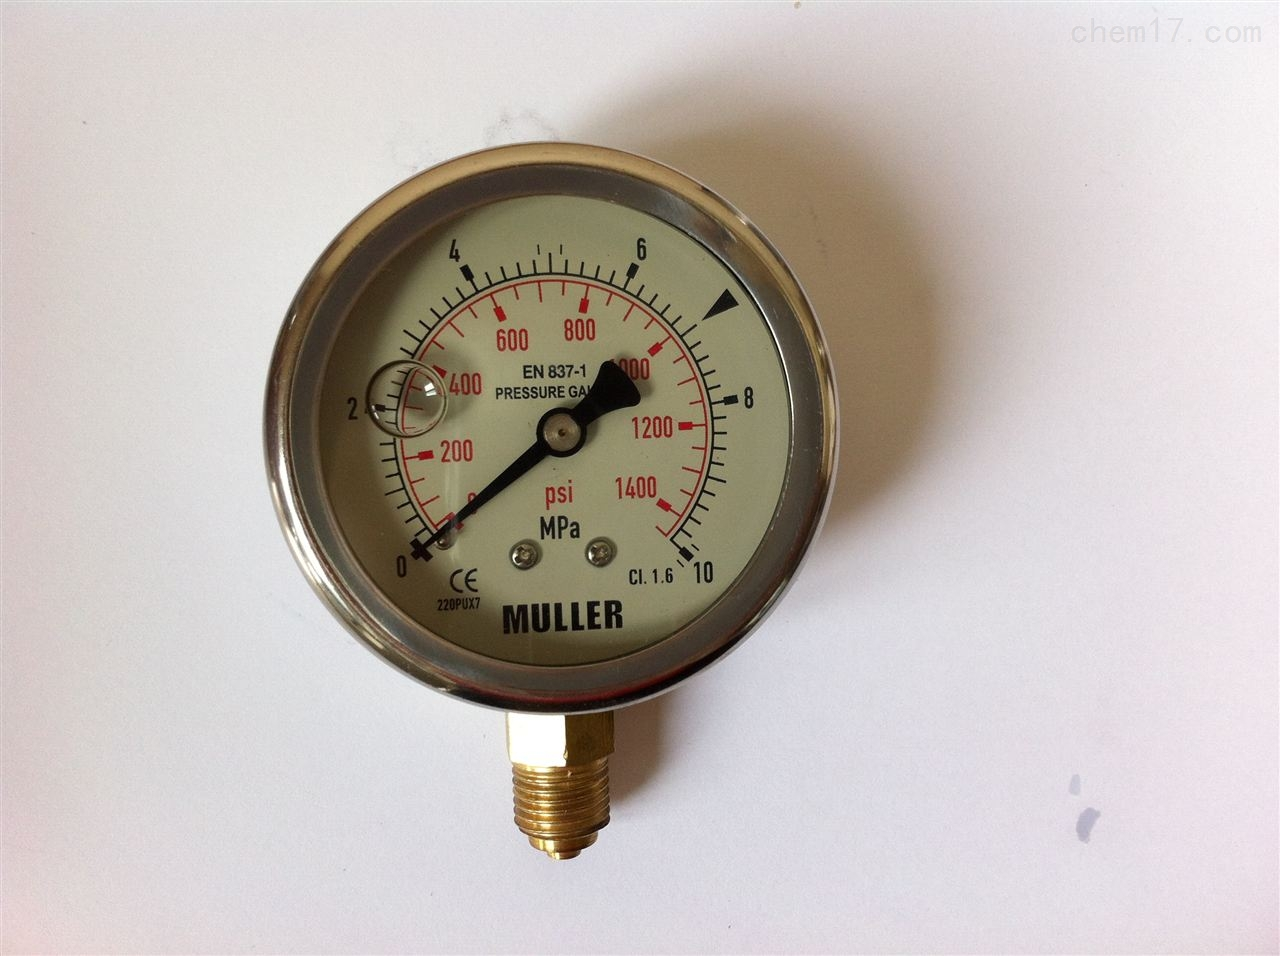 采用结合式密封结构,确保了压力表高度的功能可靠性